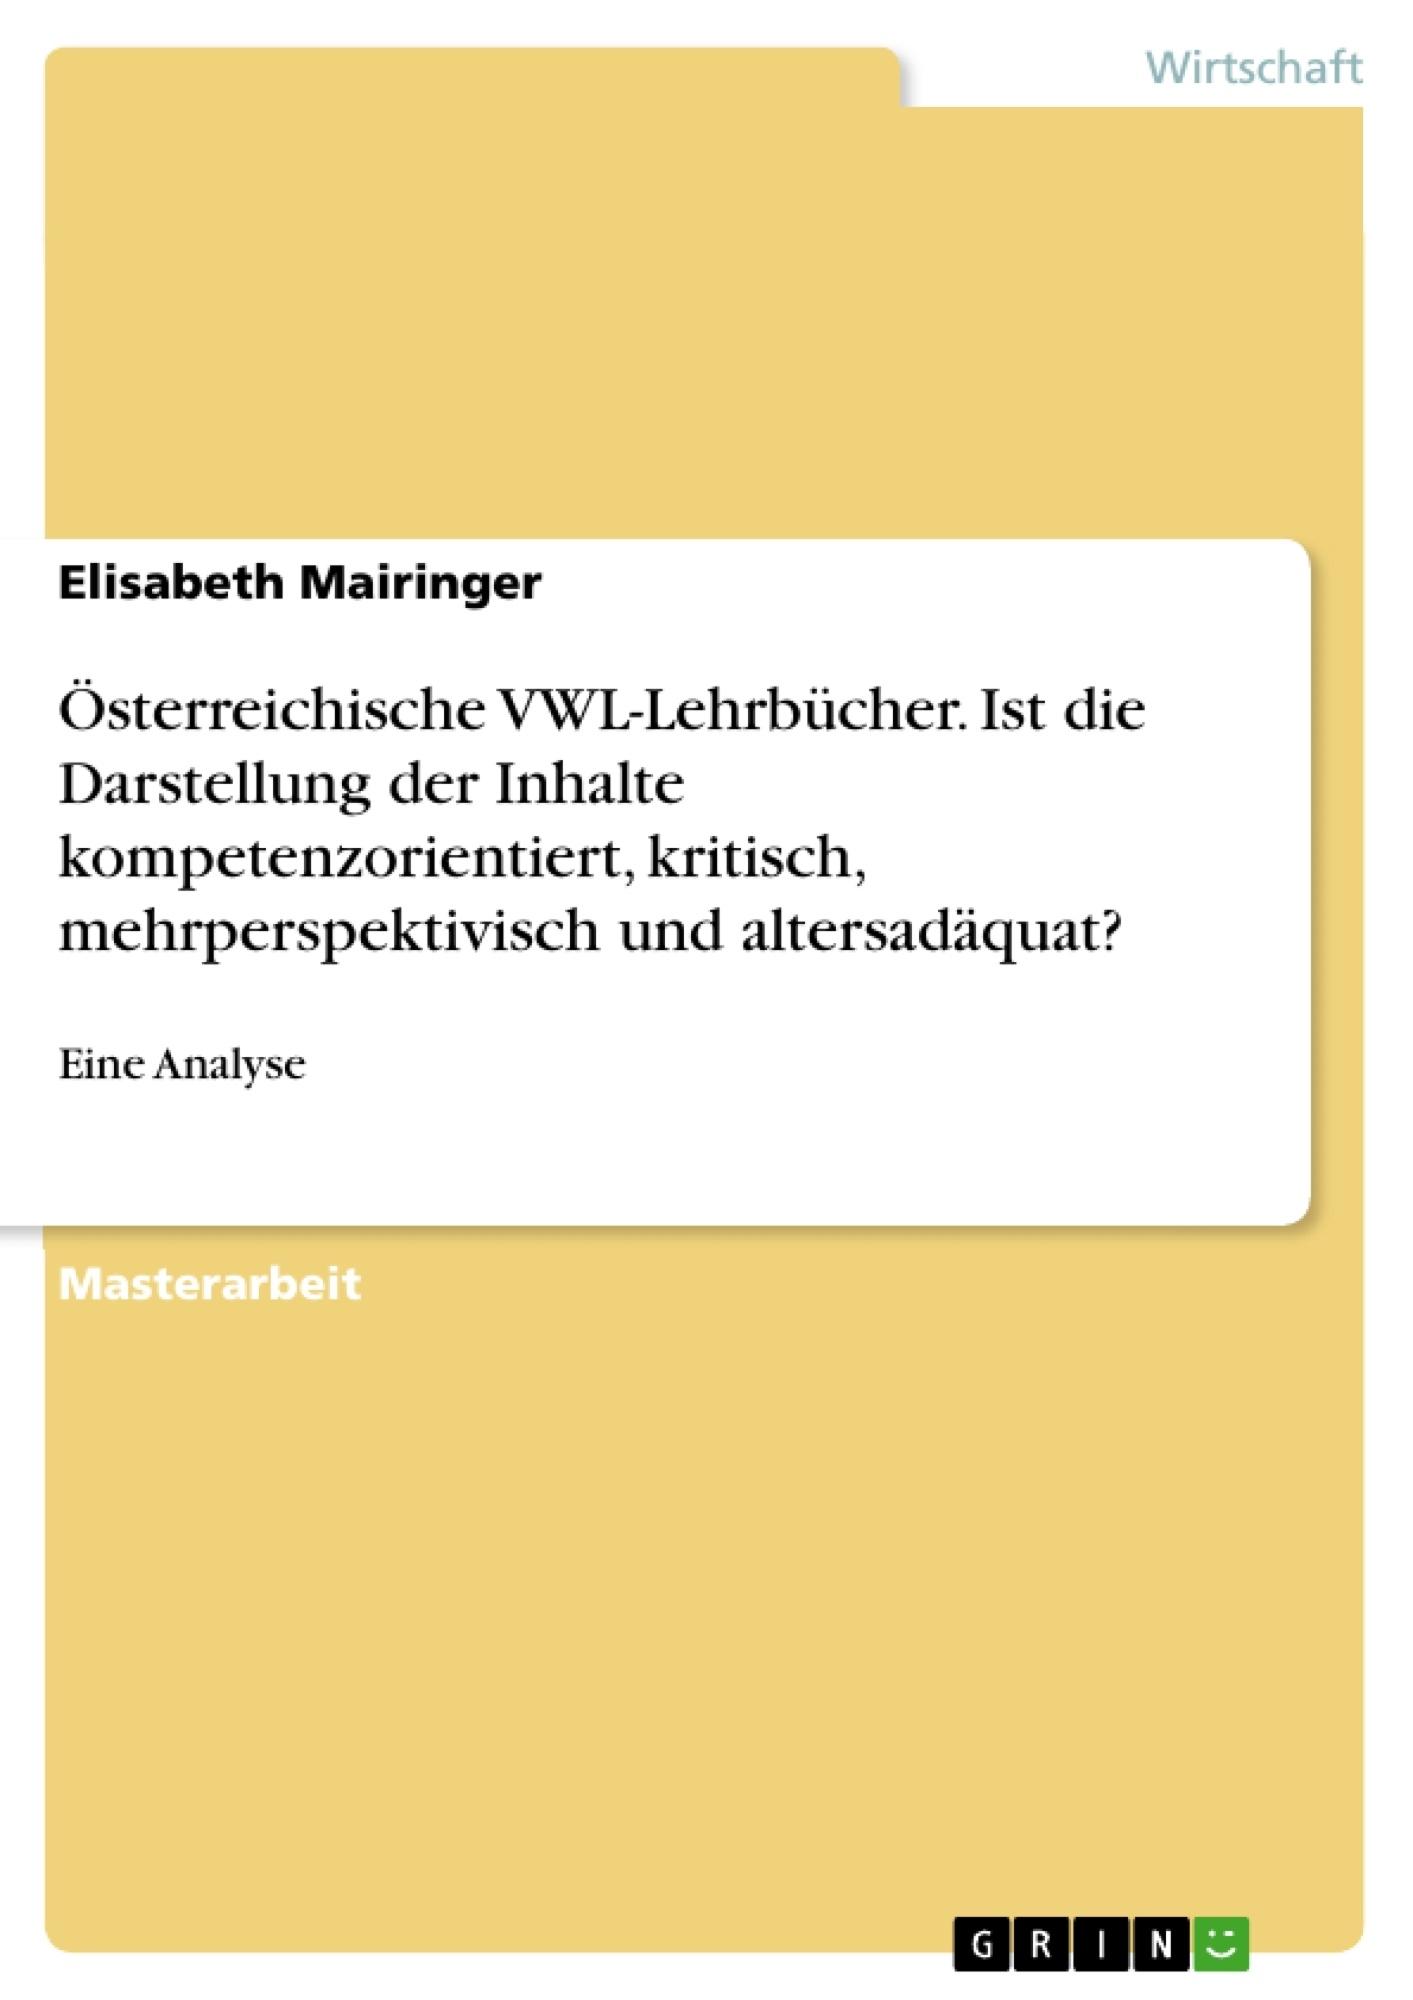 Österreichische VWL-Lehrbücher. Ist die Darstellung der Inhalte ...